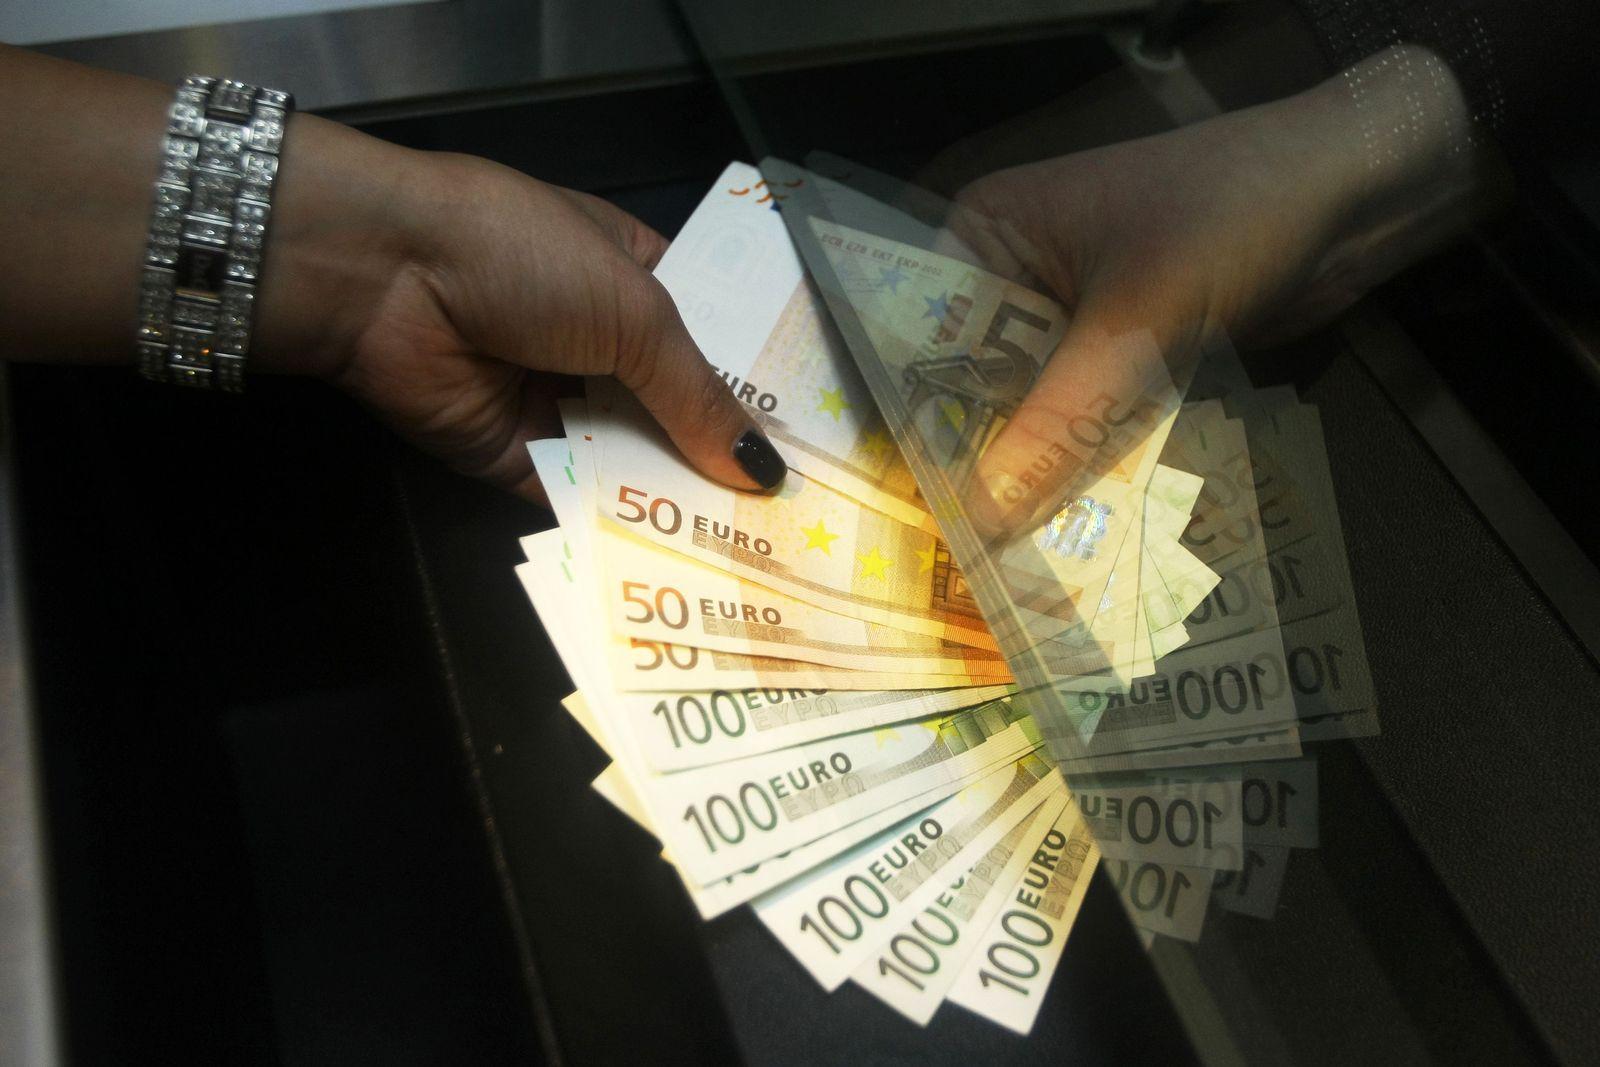 Geld / Euroscheine